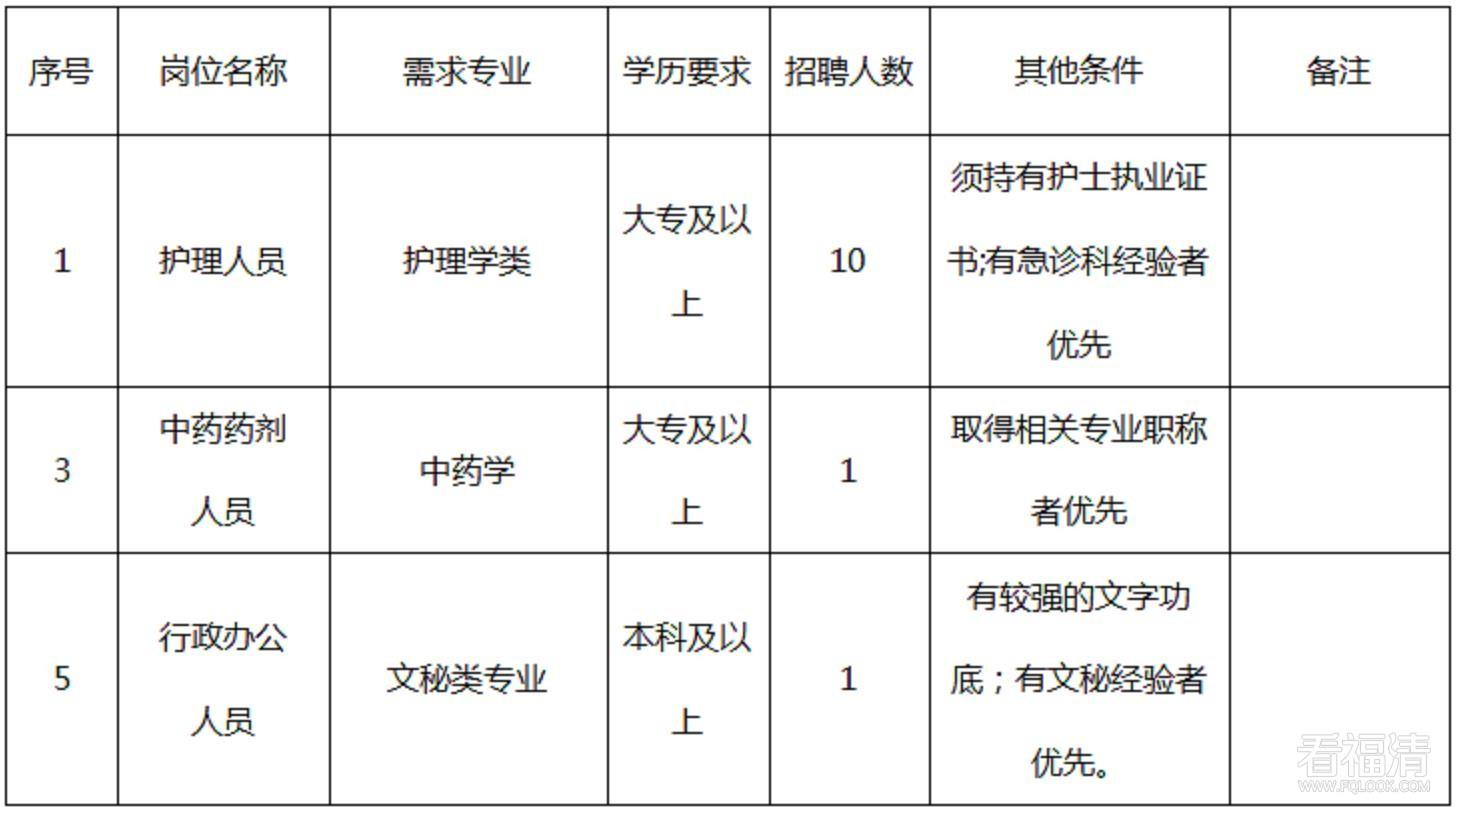 福清市中医院2021年招聘公告